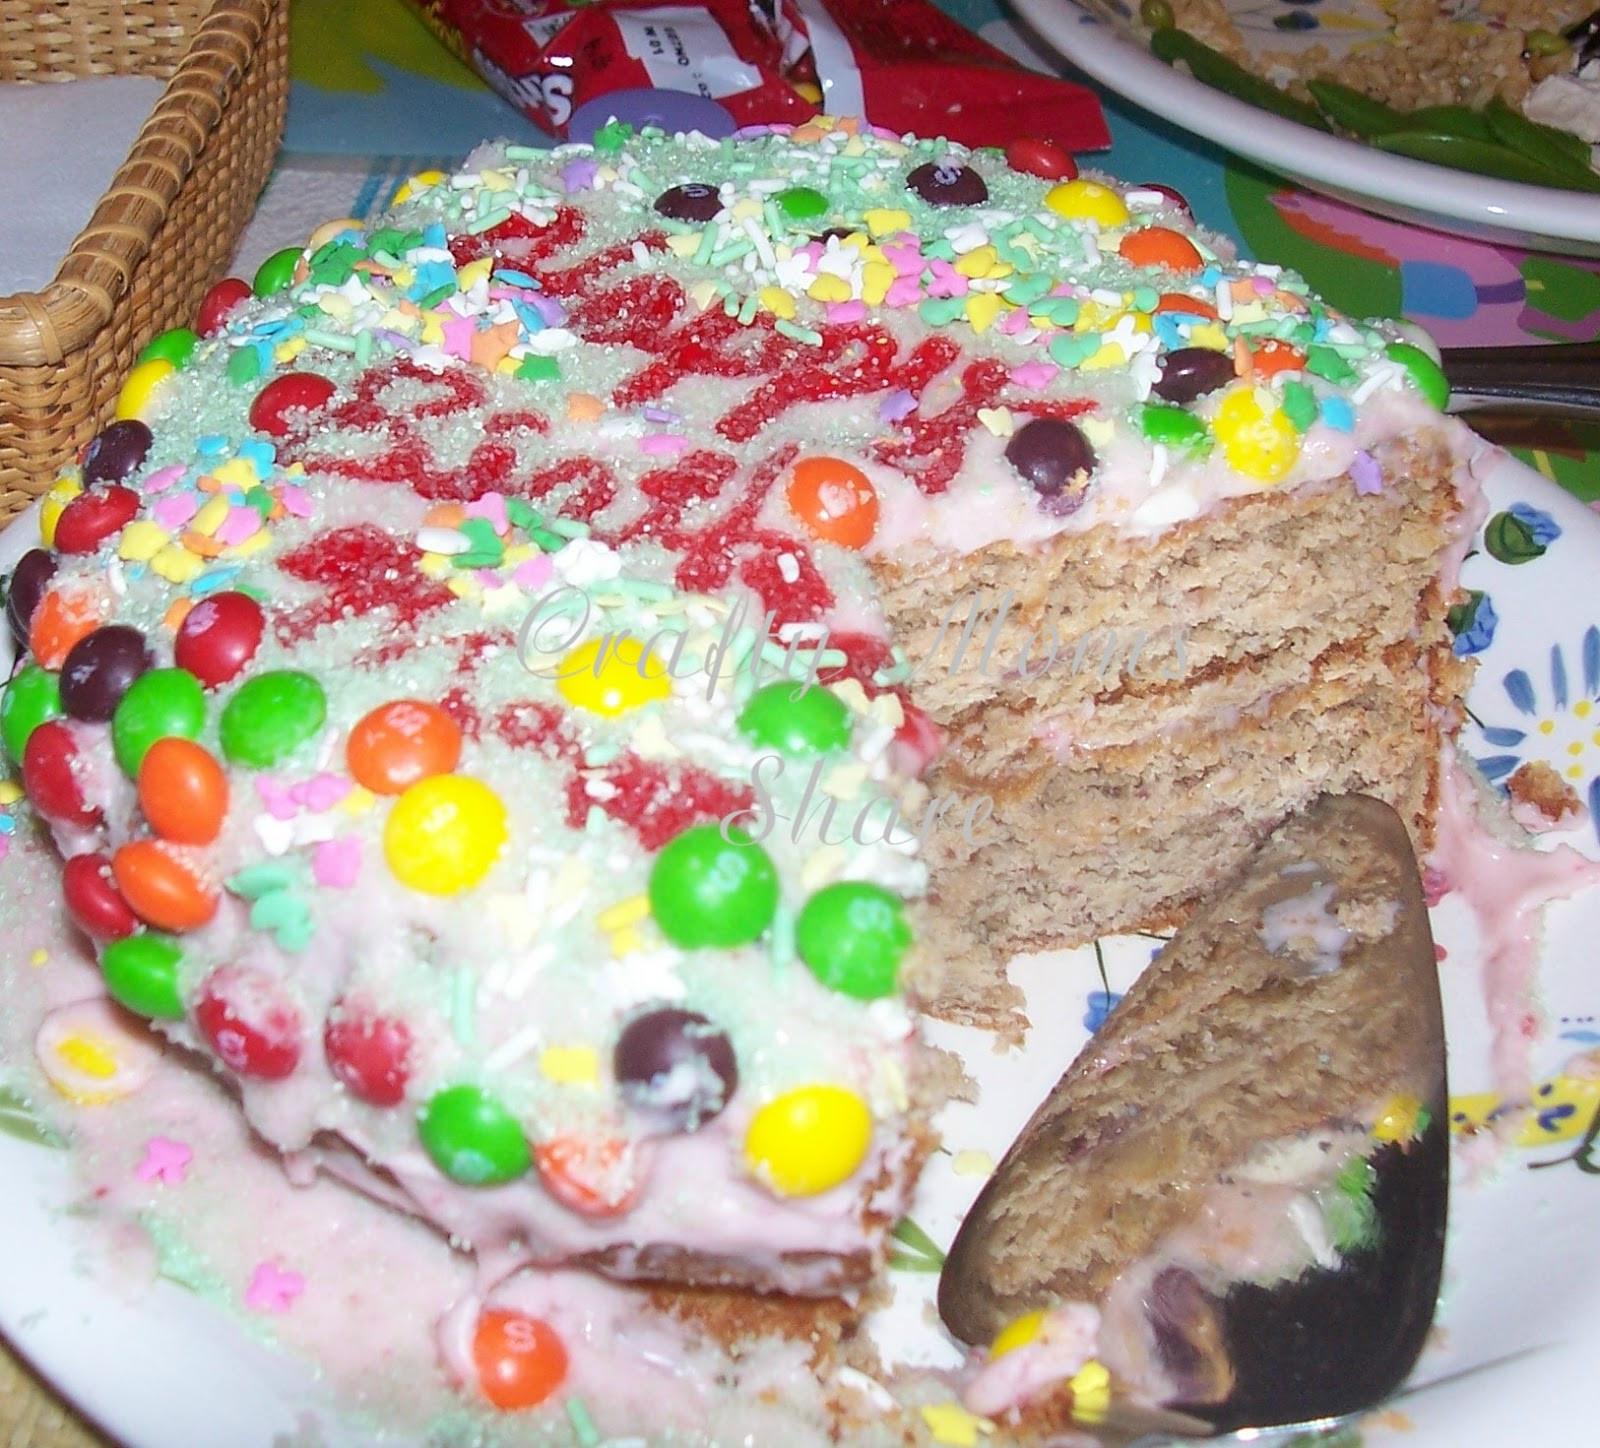 Best ideas about Gluten Free Birthday Cake . Save or Pin Crafty Moms Gluten Free Birthday Cake Now.